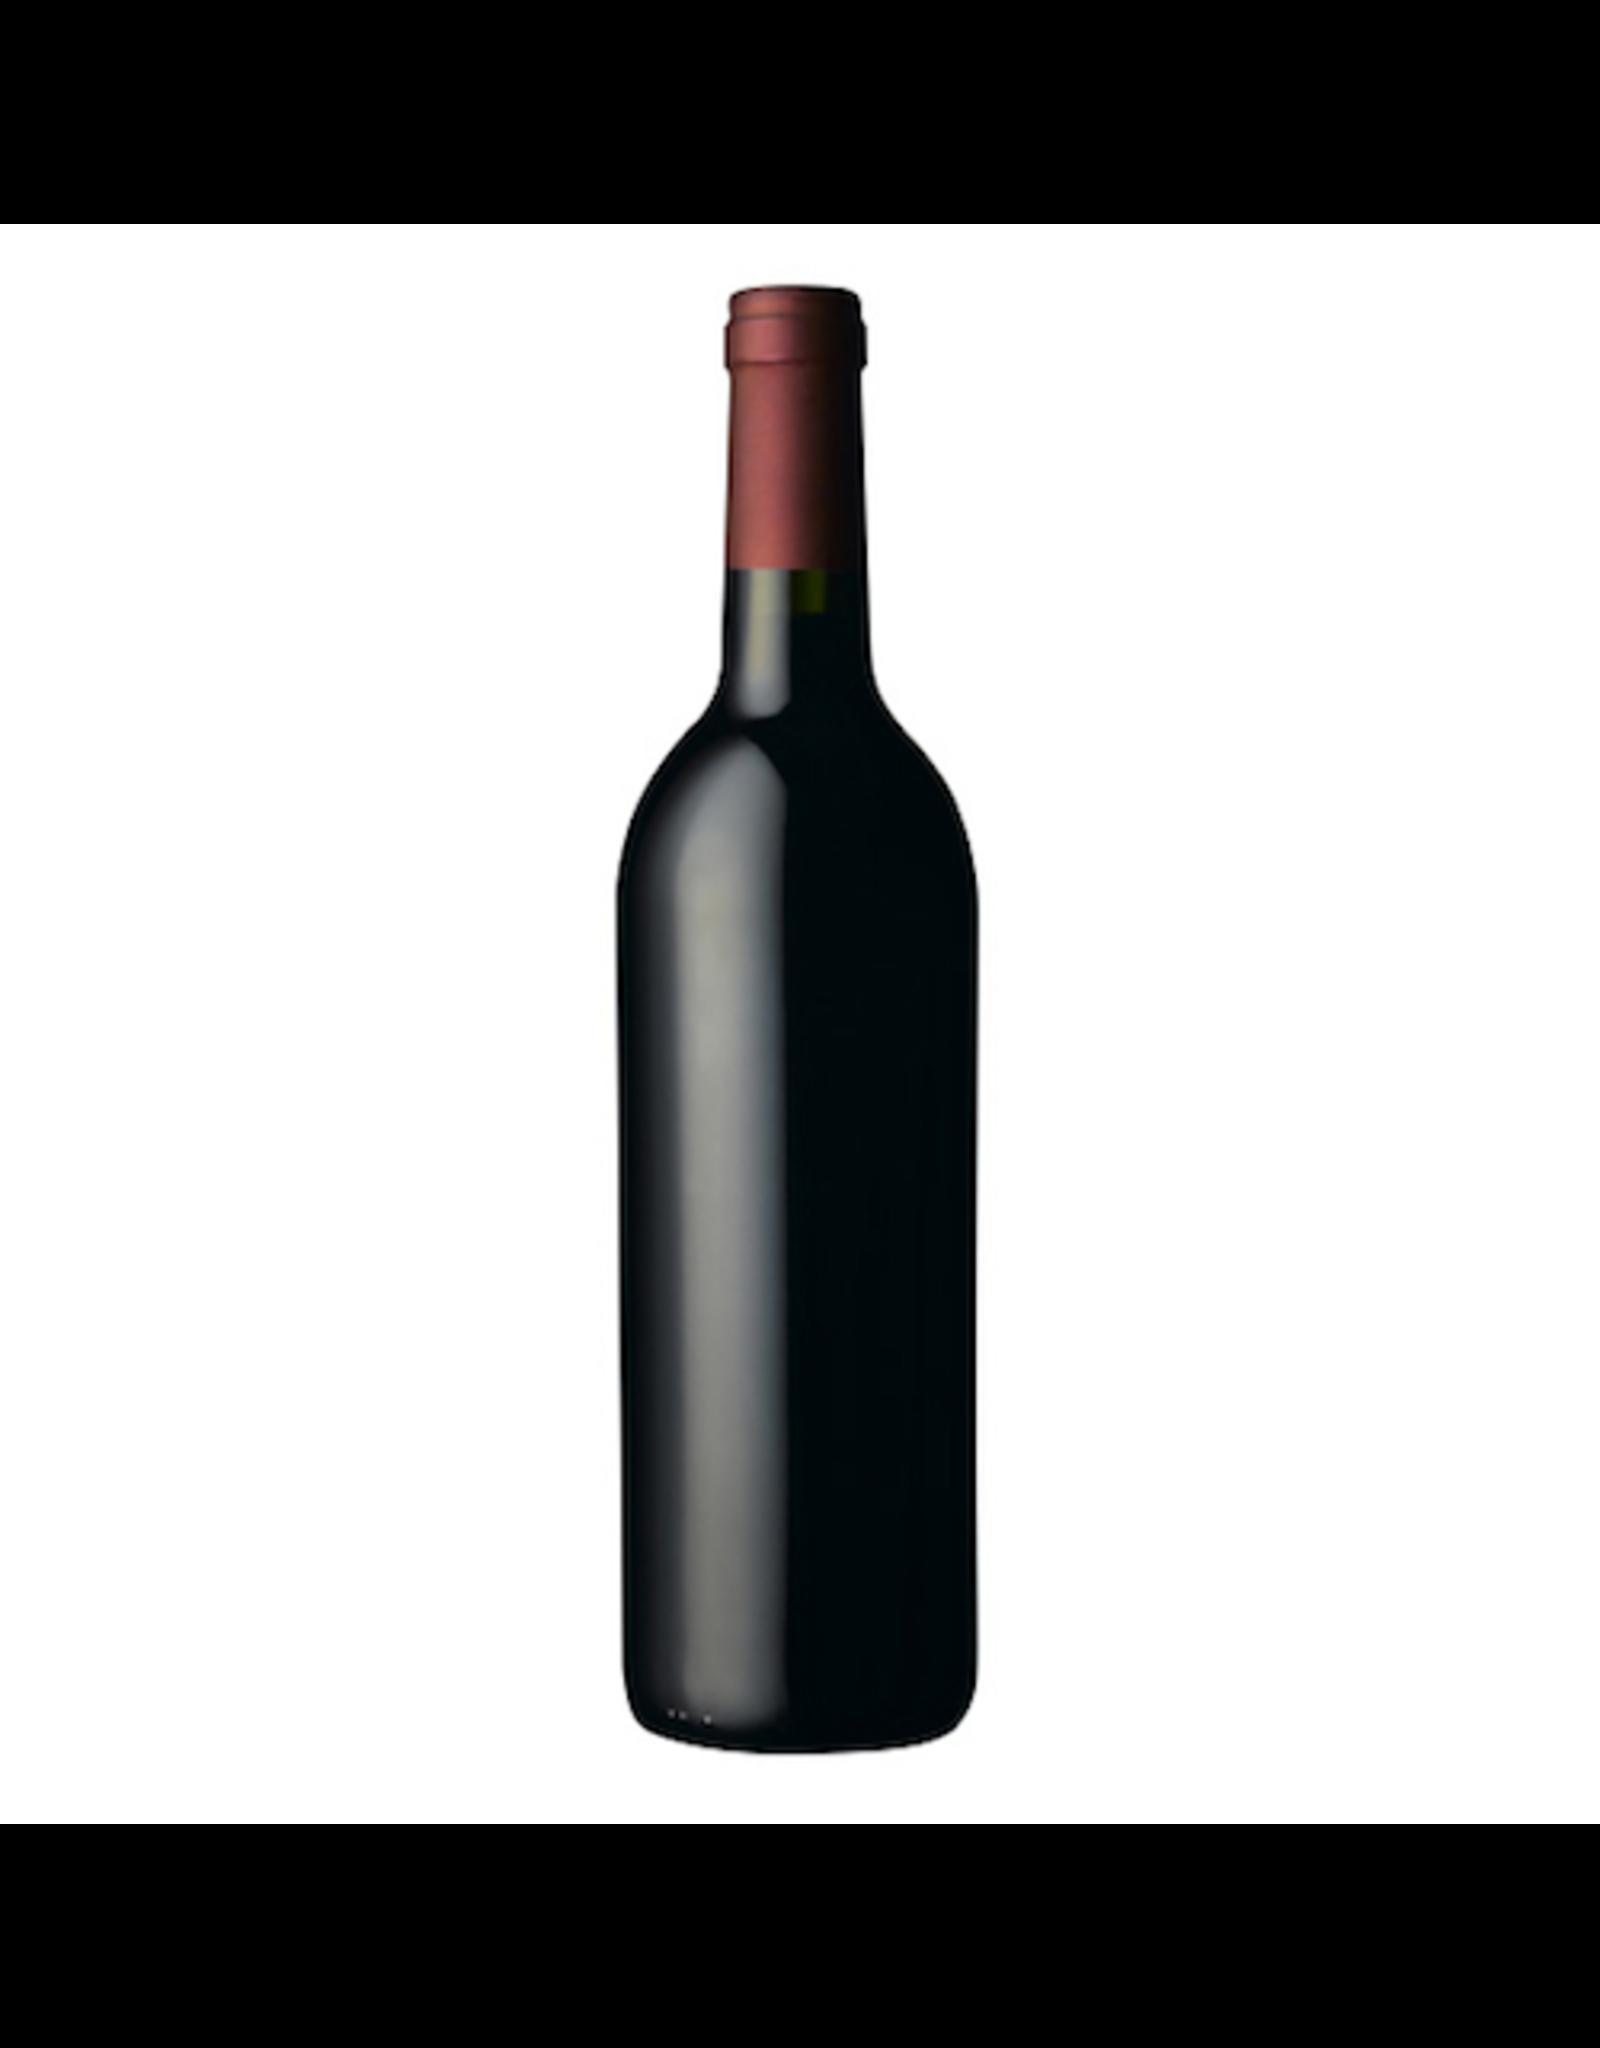 Red Wine 1989, Chateau Haut-Bailly Grand Cru De Graves, Red Bordeaux Blend, Pessac-Leognan Gironde, Bordeaux, France, 14% Alc, CT91.9